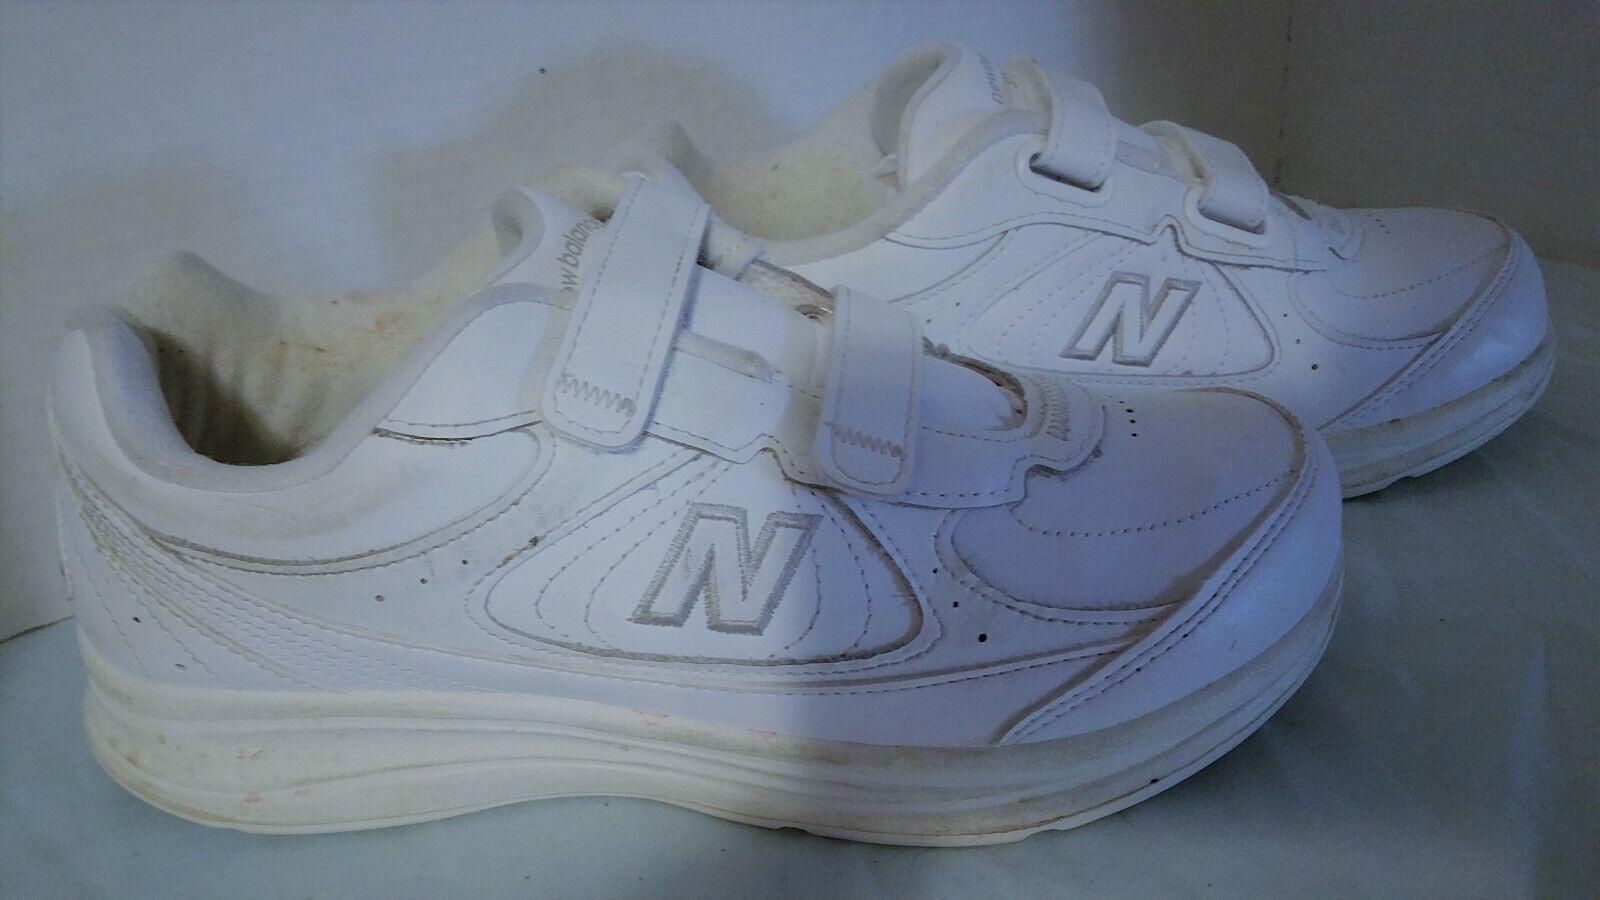 2017 New Balance, WW577VW, White Women's Walking shoes, US 8.5 Eu 40